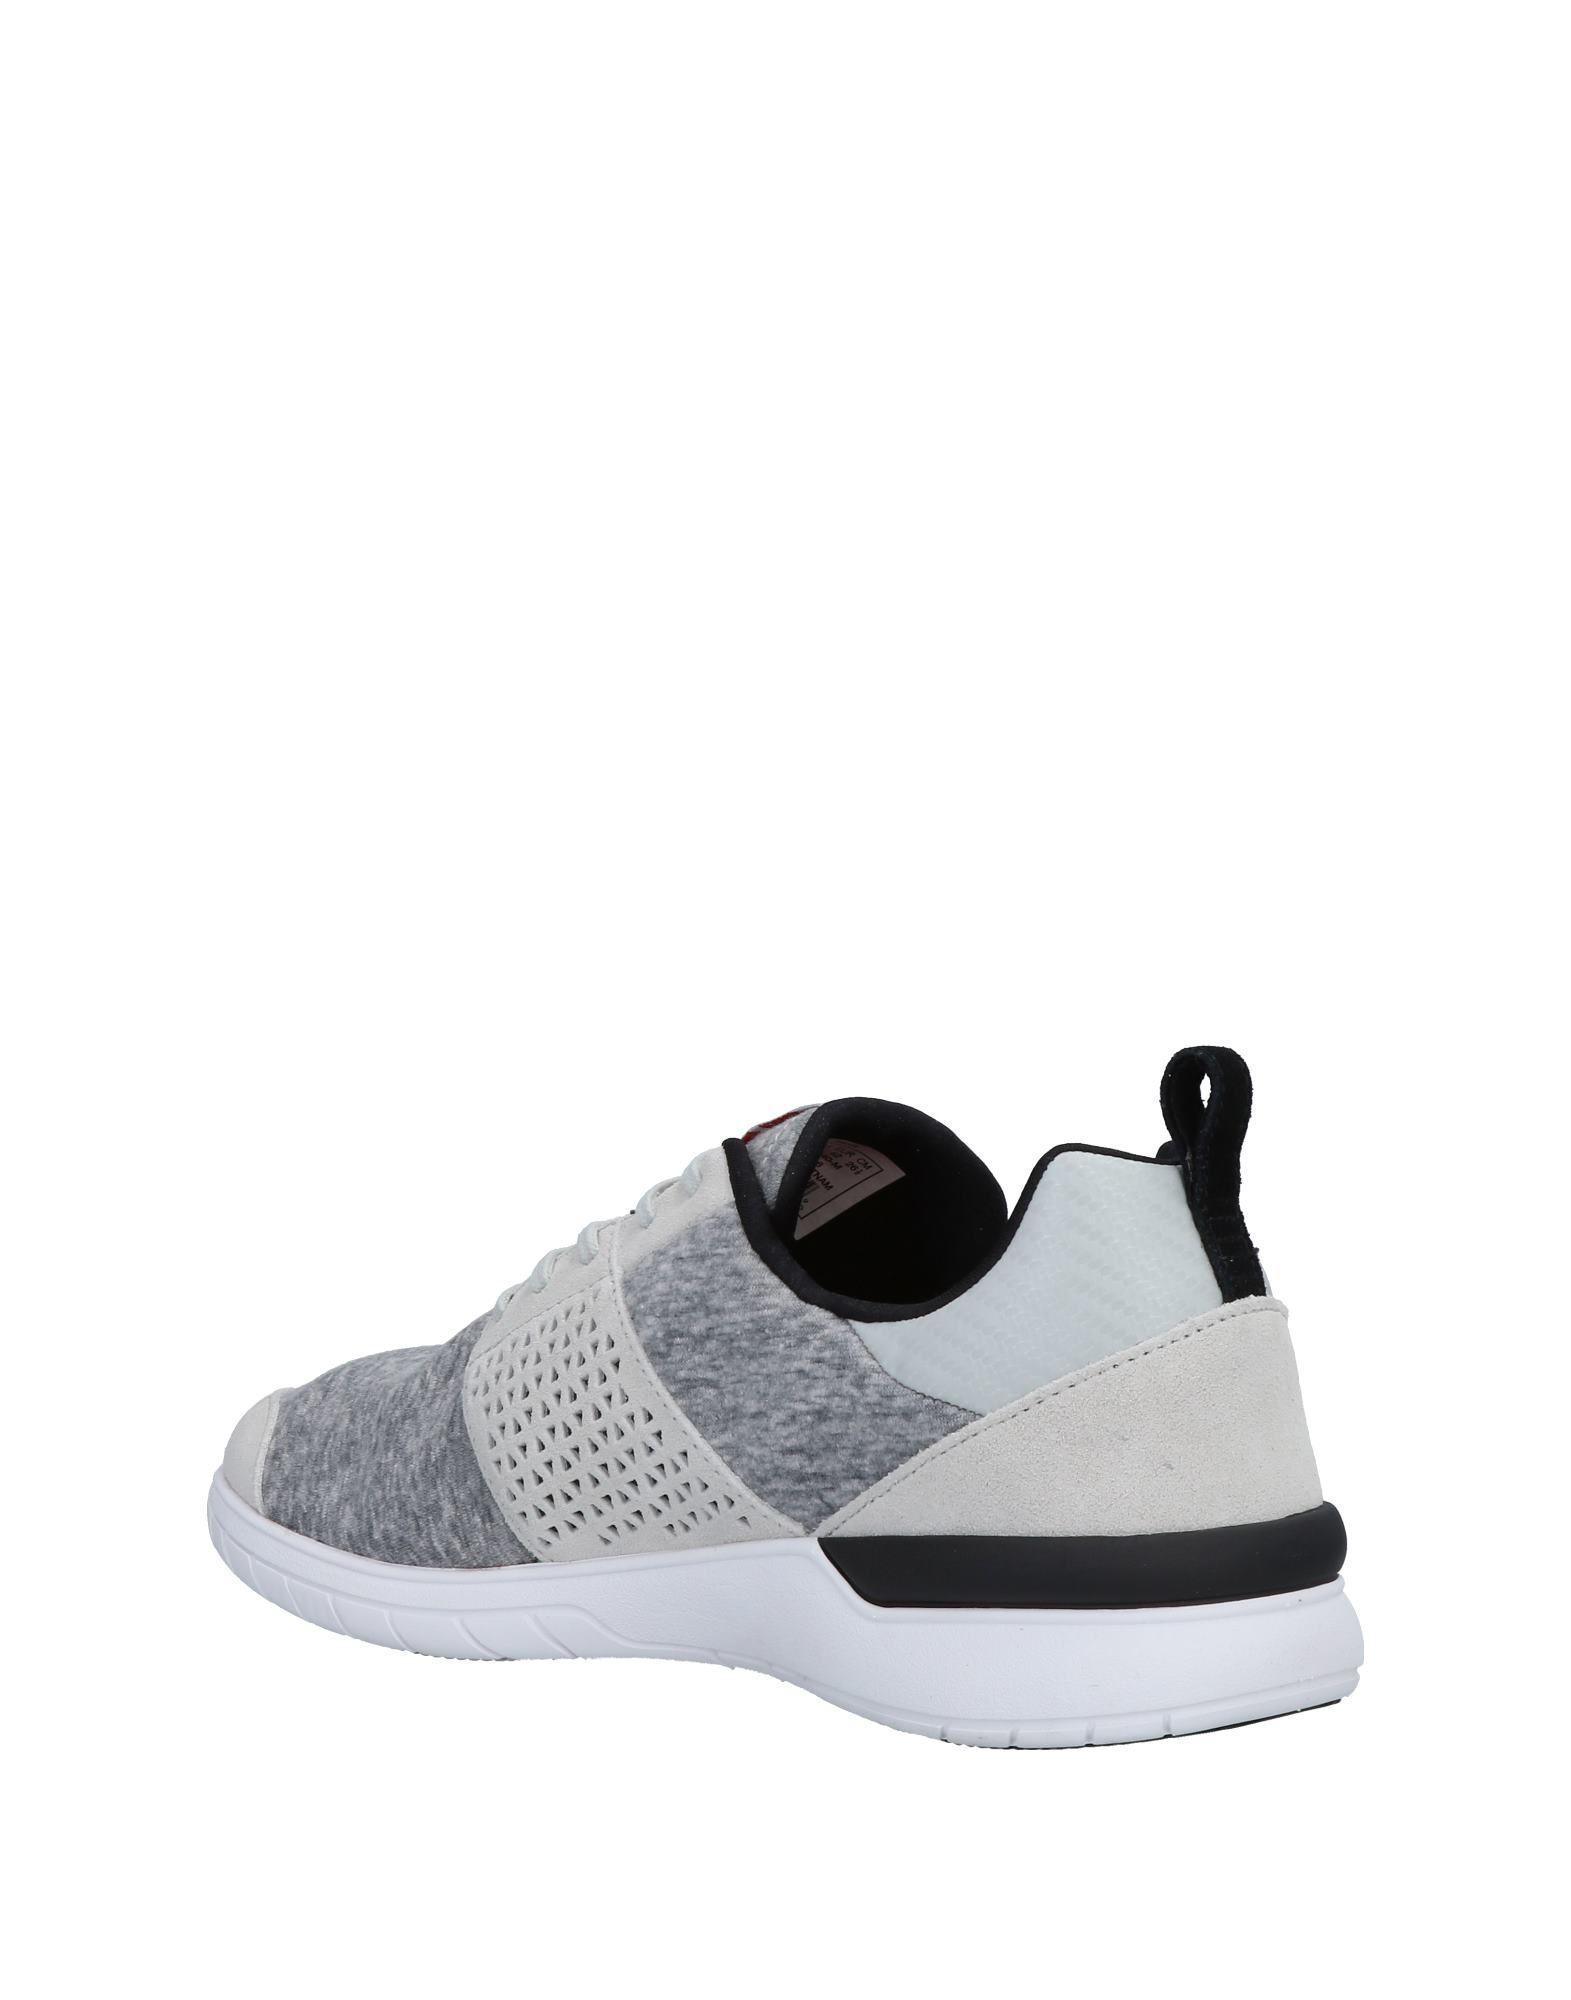 934045ca63 Supra Low-tops & Sneakers in Gray for Men - Lyst